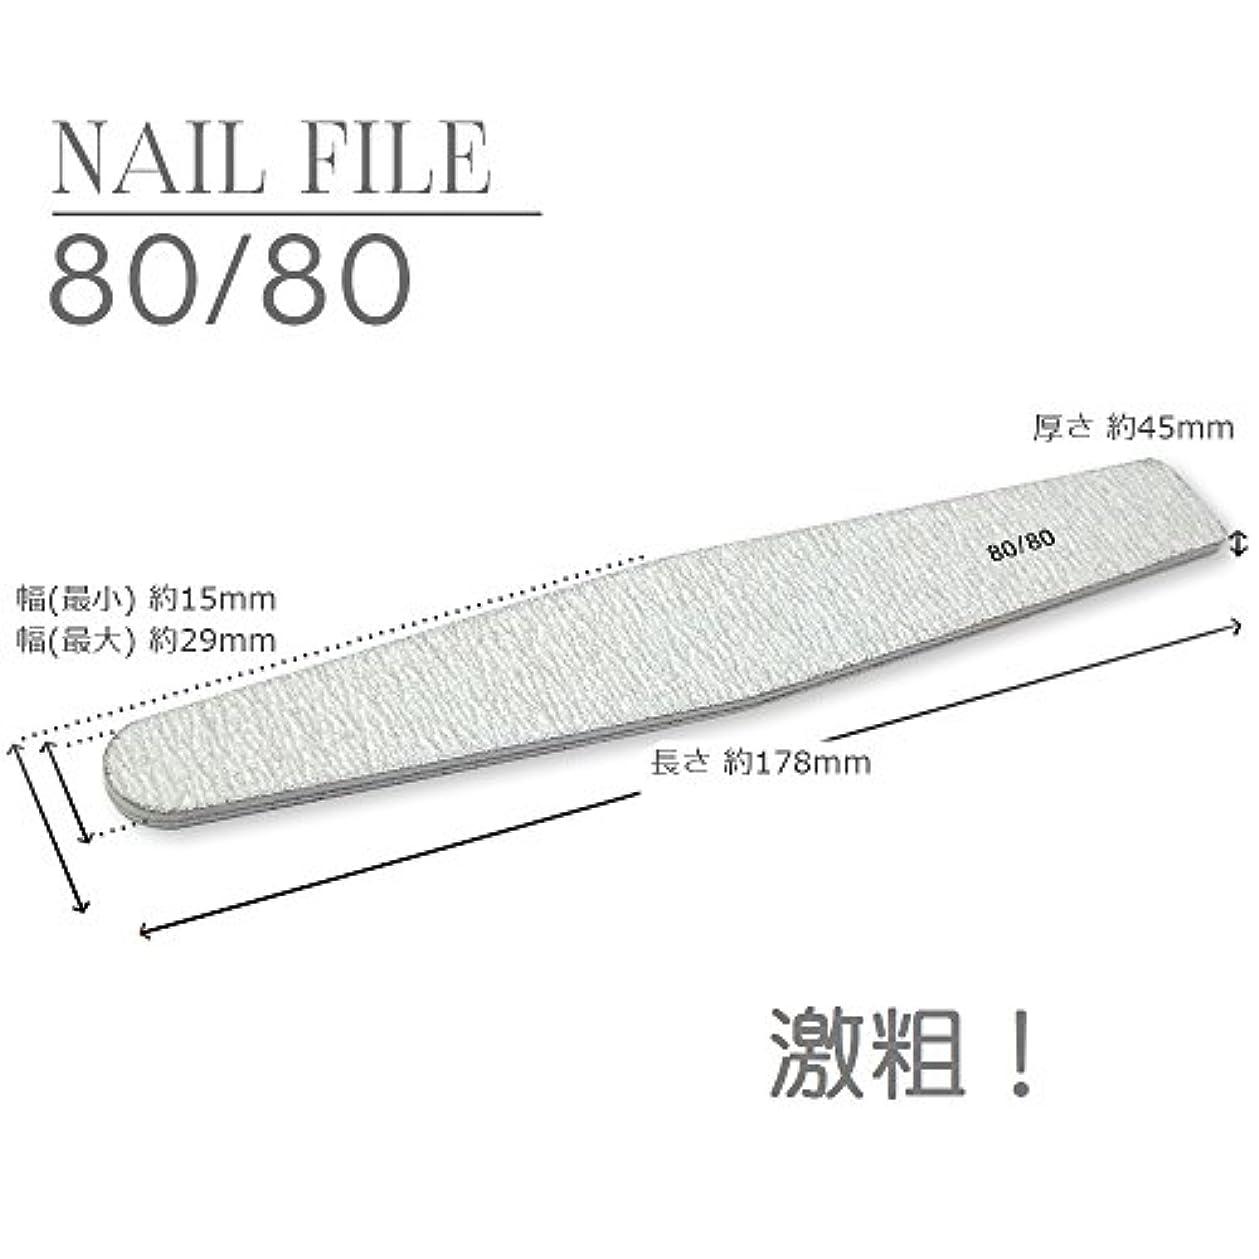 高度アパート回るネイルファイル【80/80】激粗 1本 ★ガリガリ削れます!